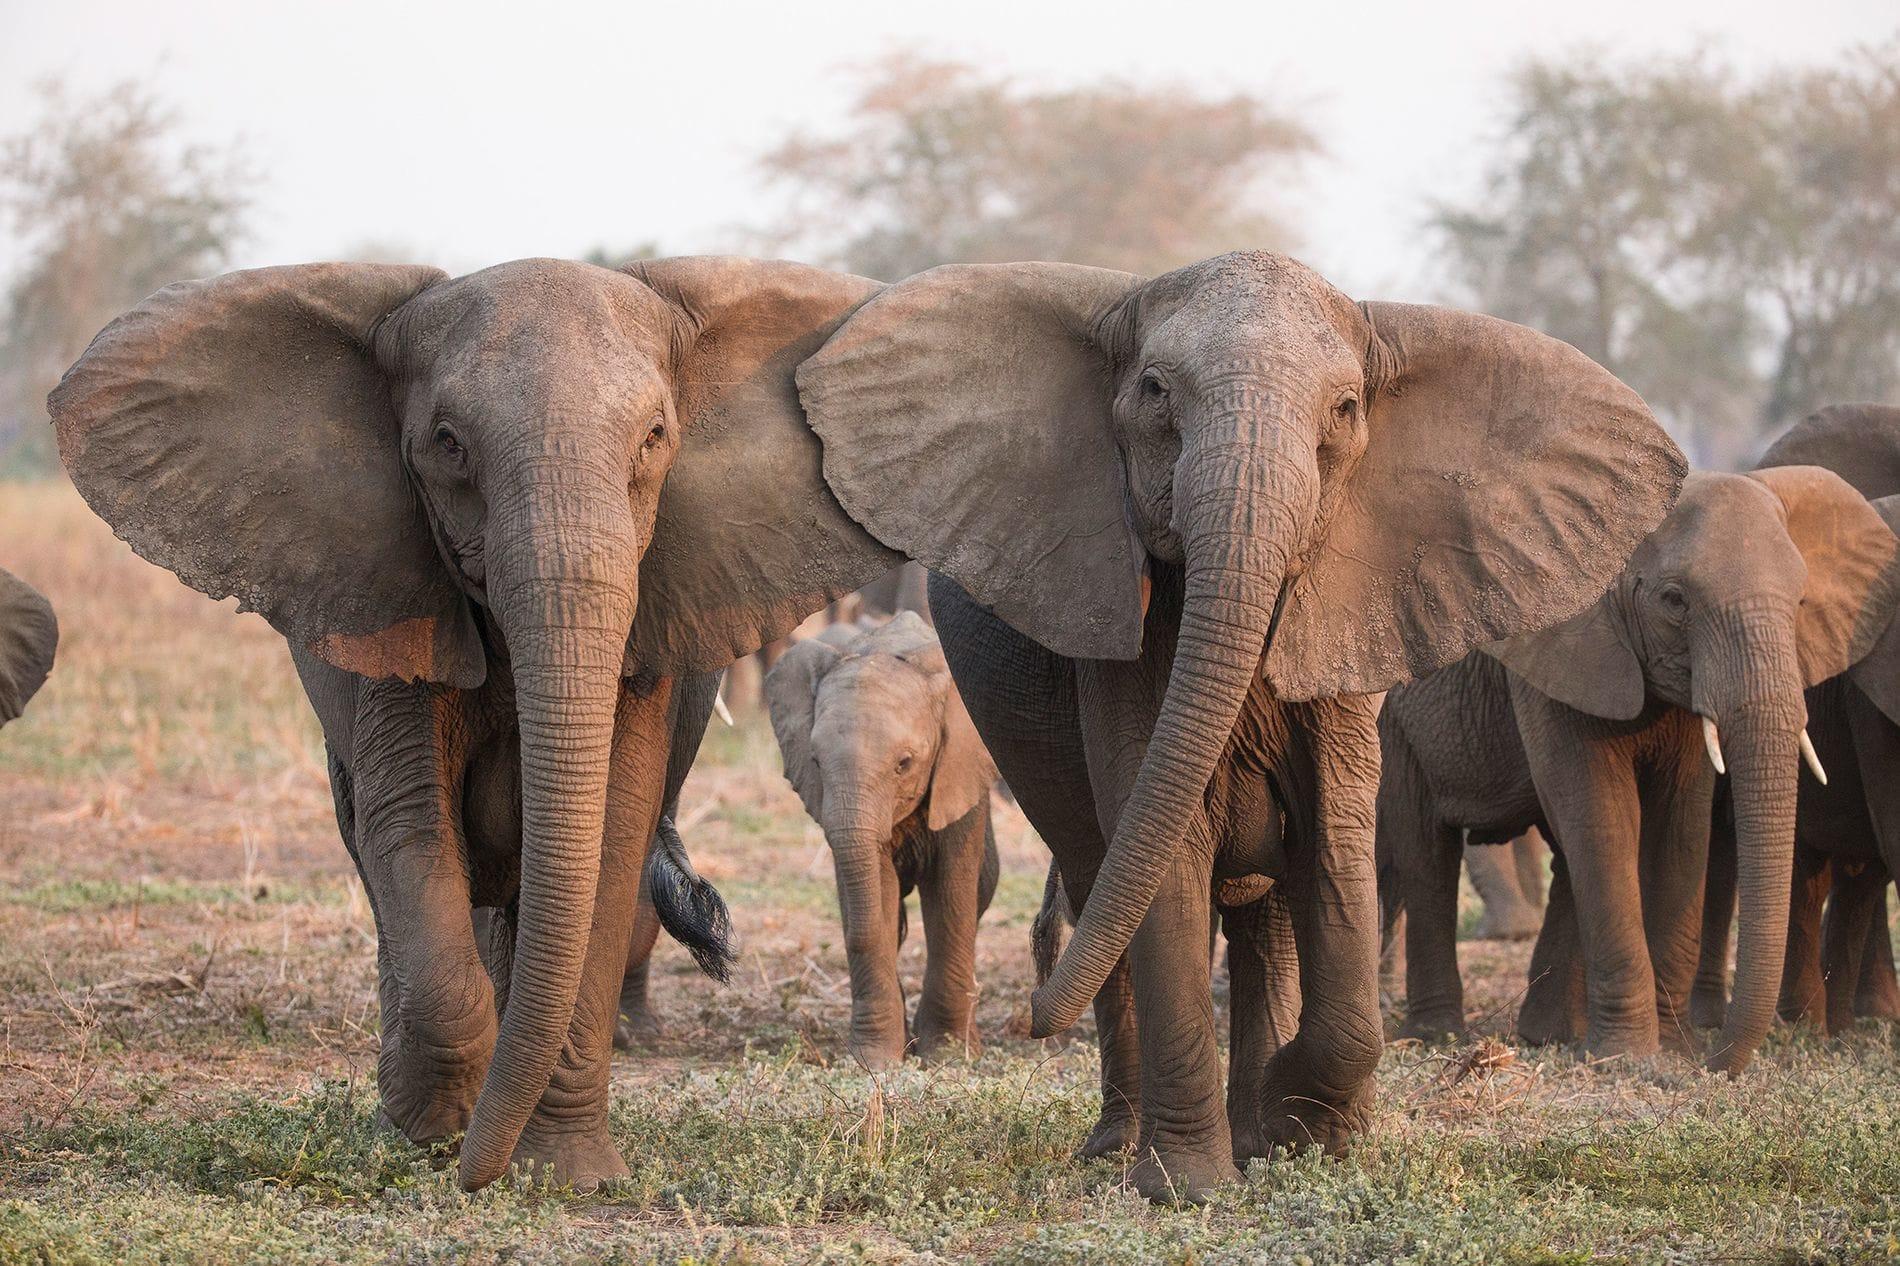 A cause du braconnage, de plus en plus d'éléphants naissent sans défenses